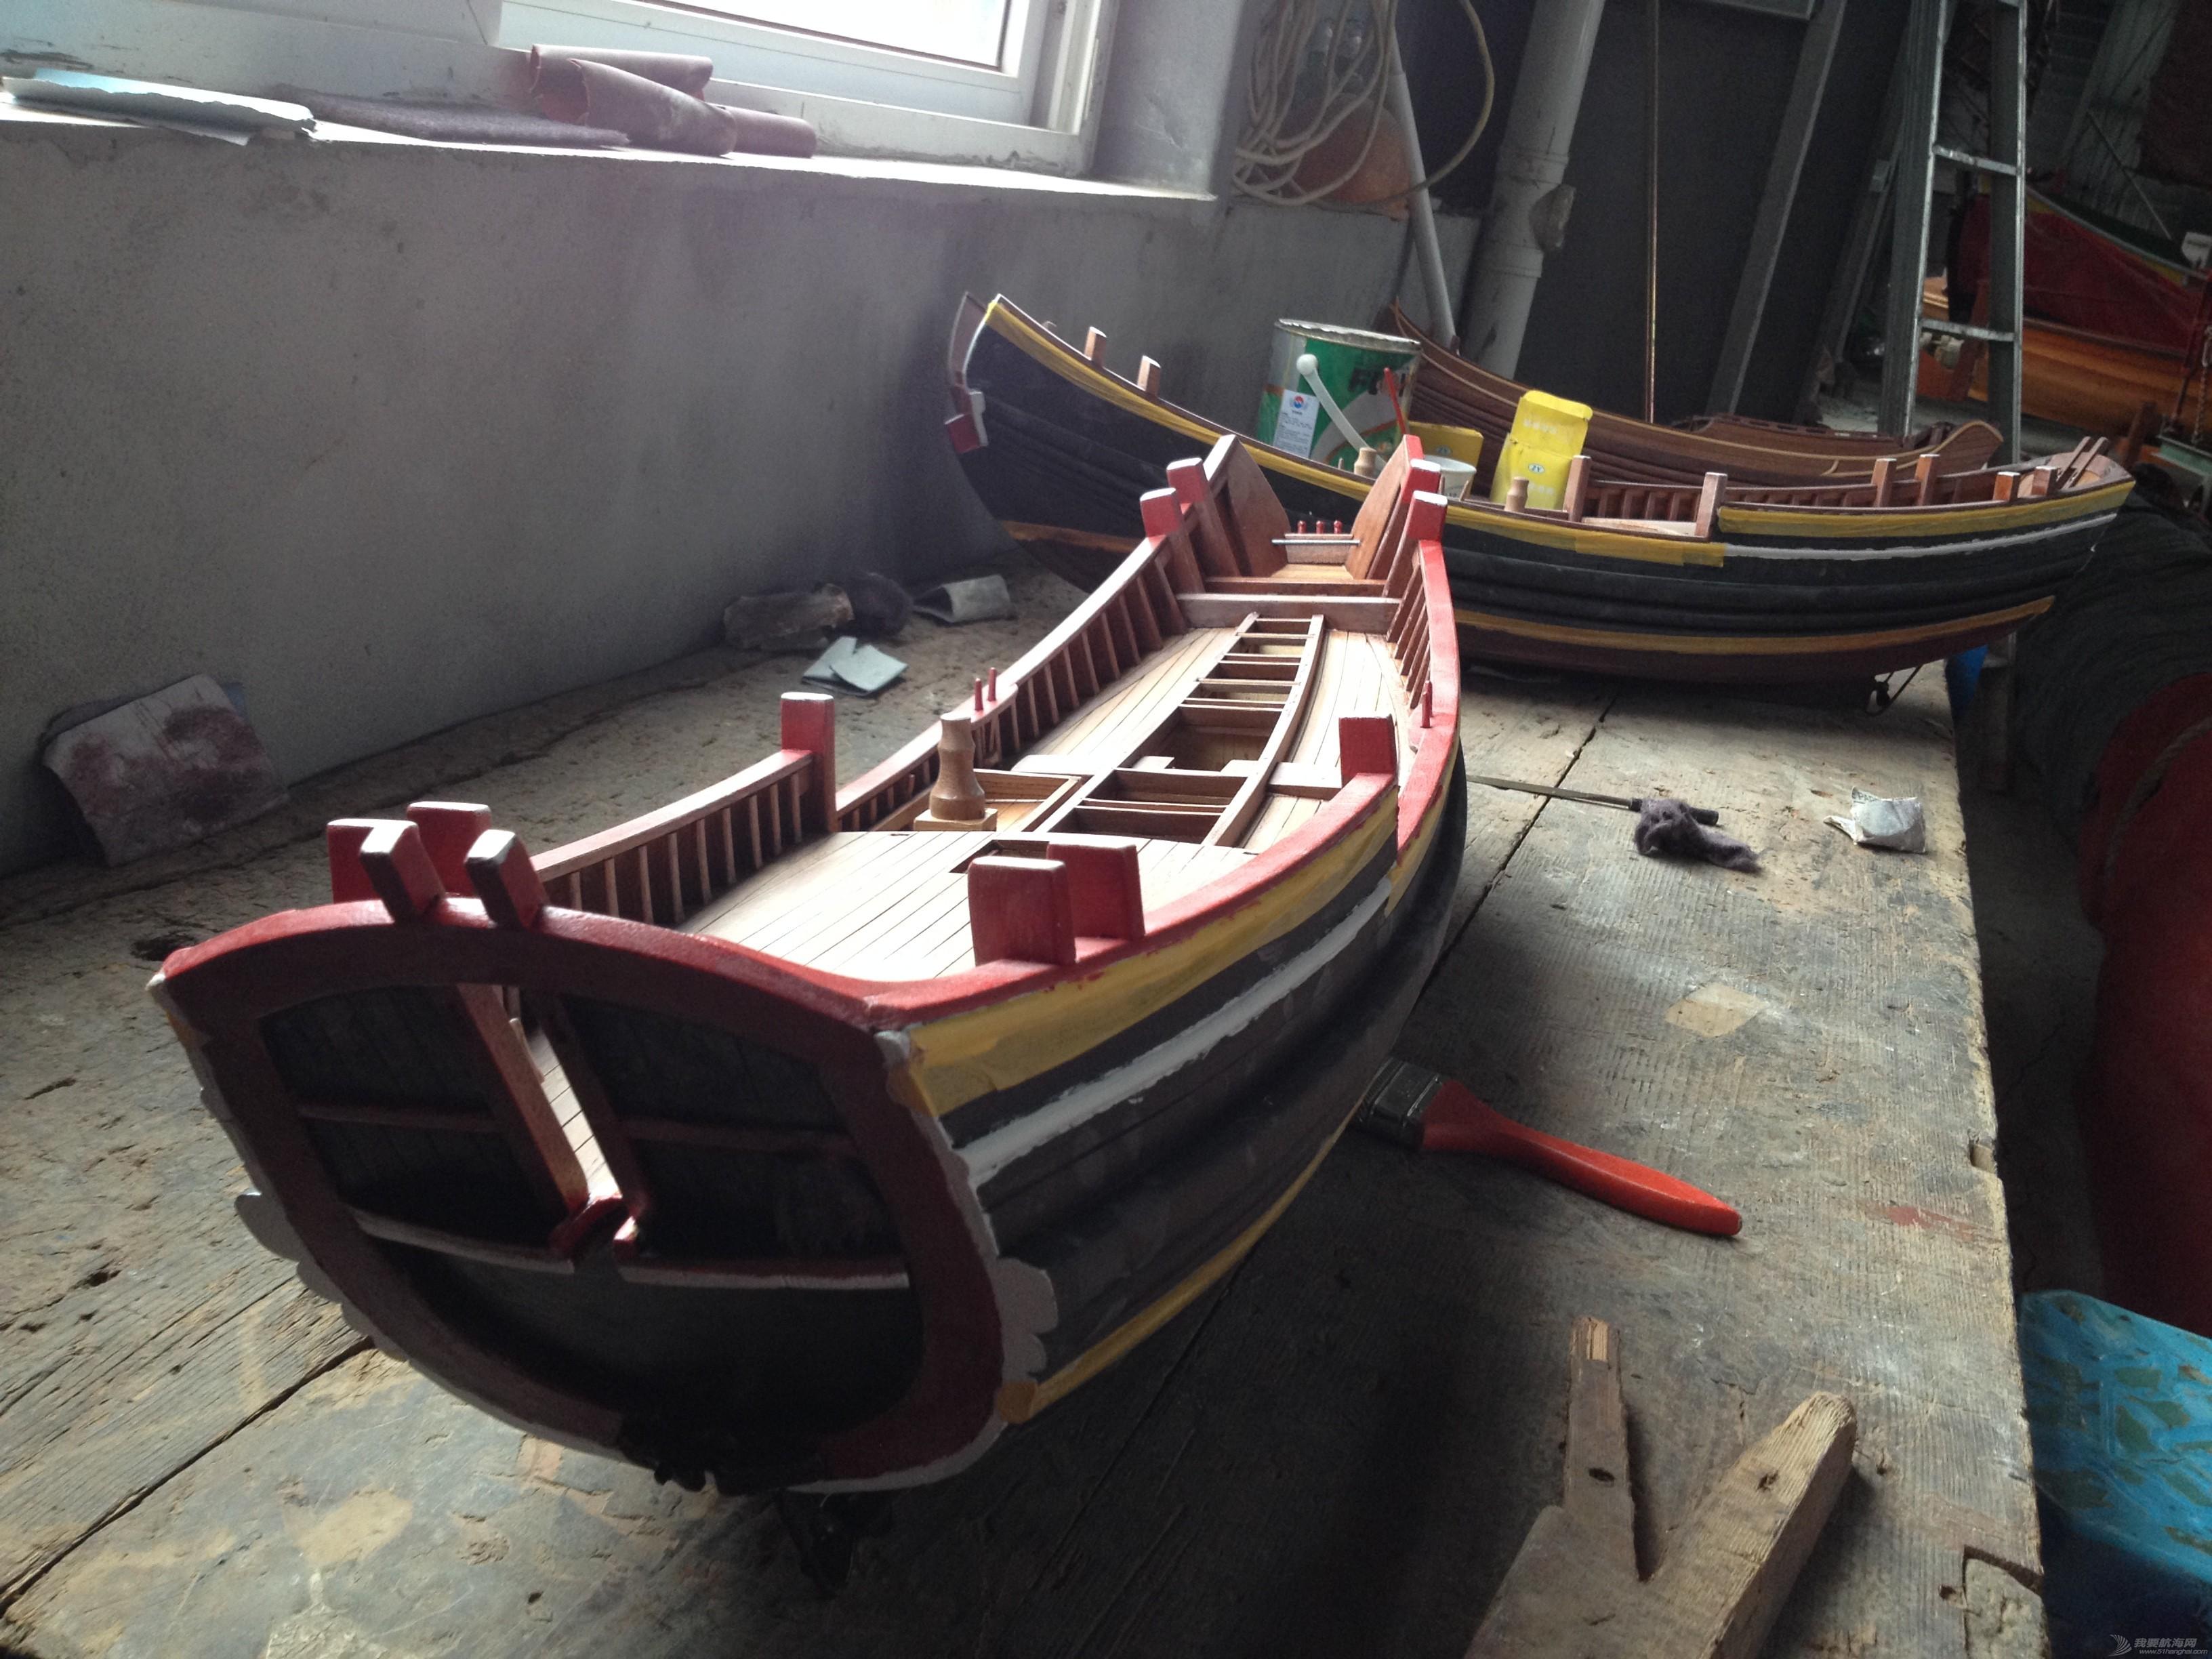 中式风格,交通运输,造船厂,朱家尖,对抗赛 全球首次中式帆船比赛可能会在舟山举行 IMG_7896.JPG